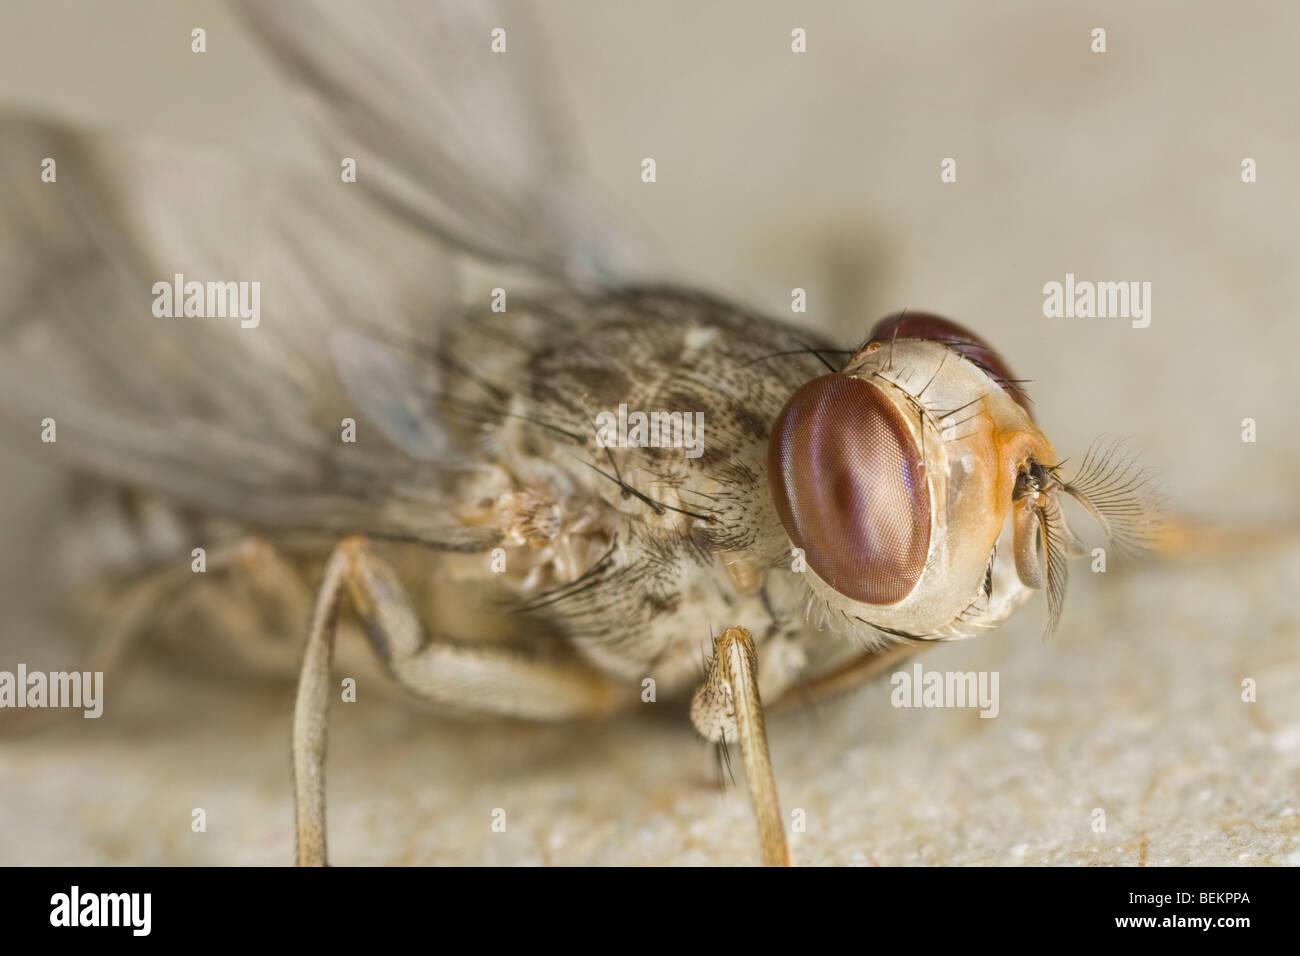 newly eclosed male Savannah Tsetse fly (Glossina morsitans morsitans) - Stock Image